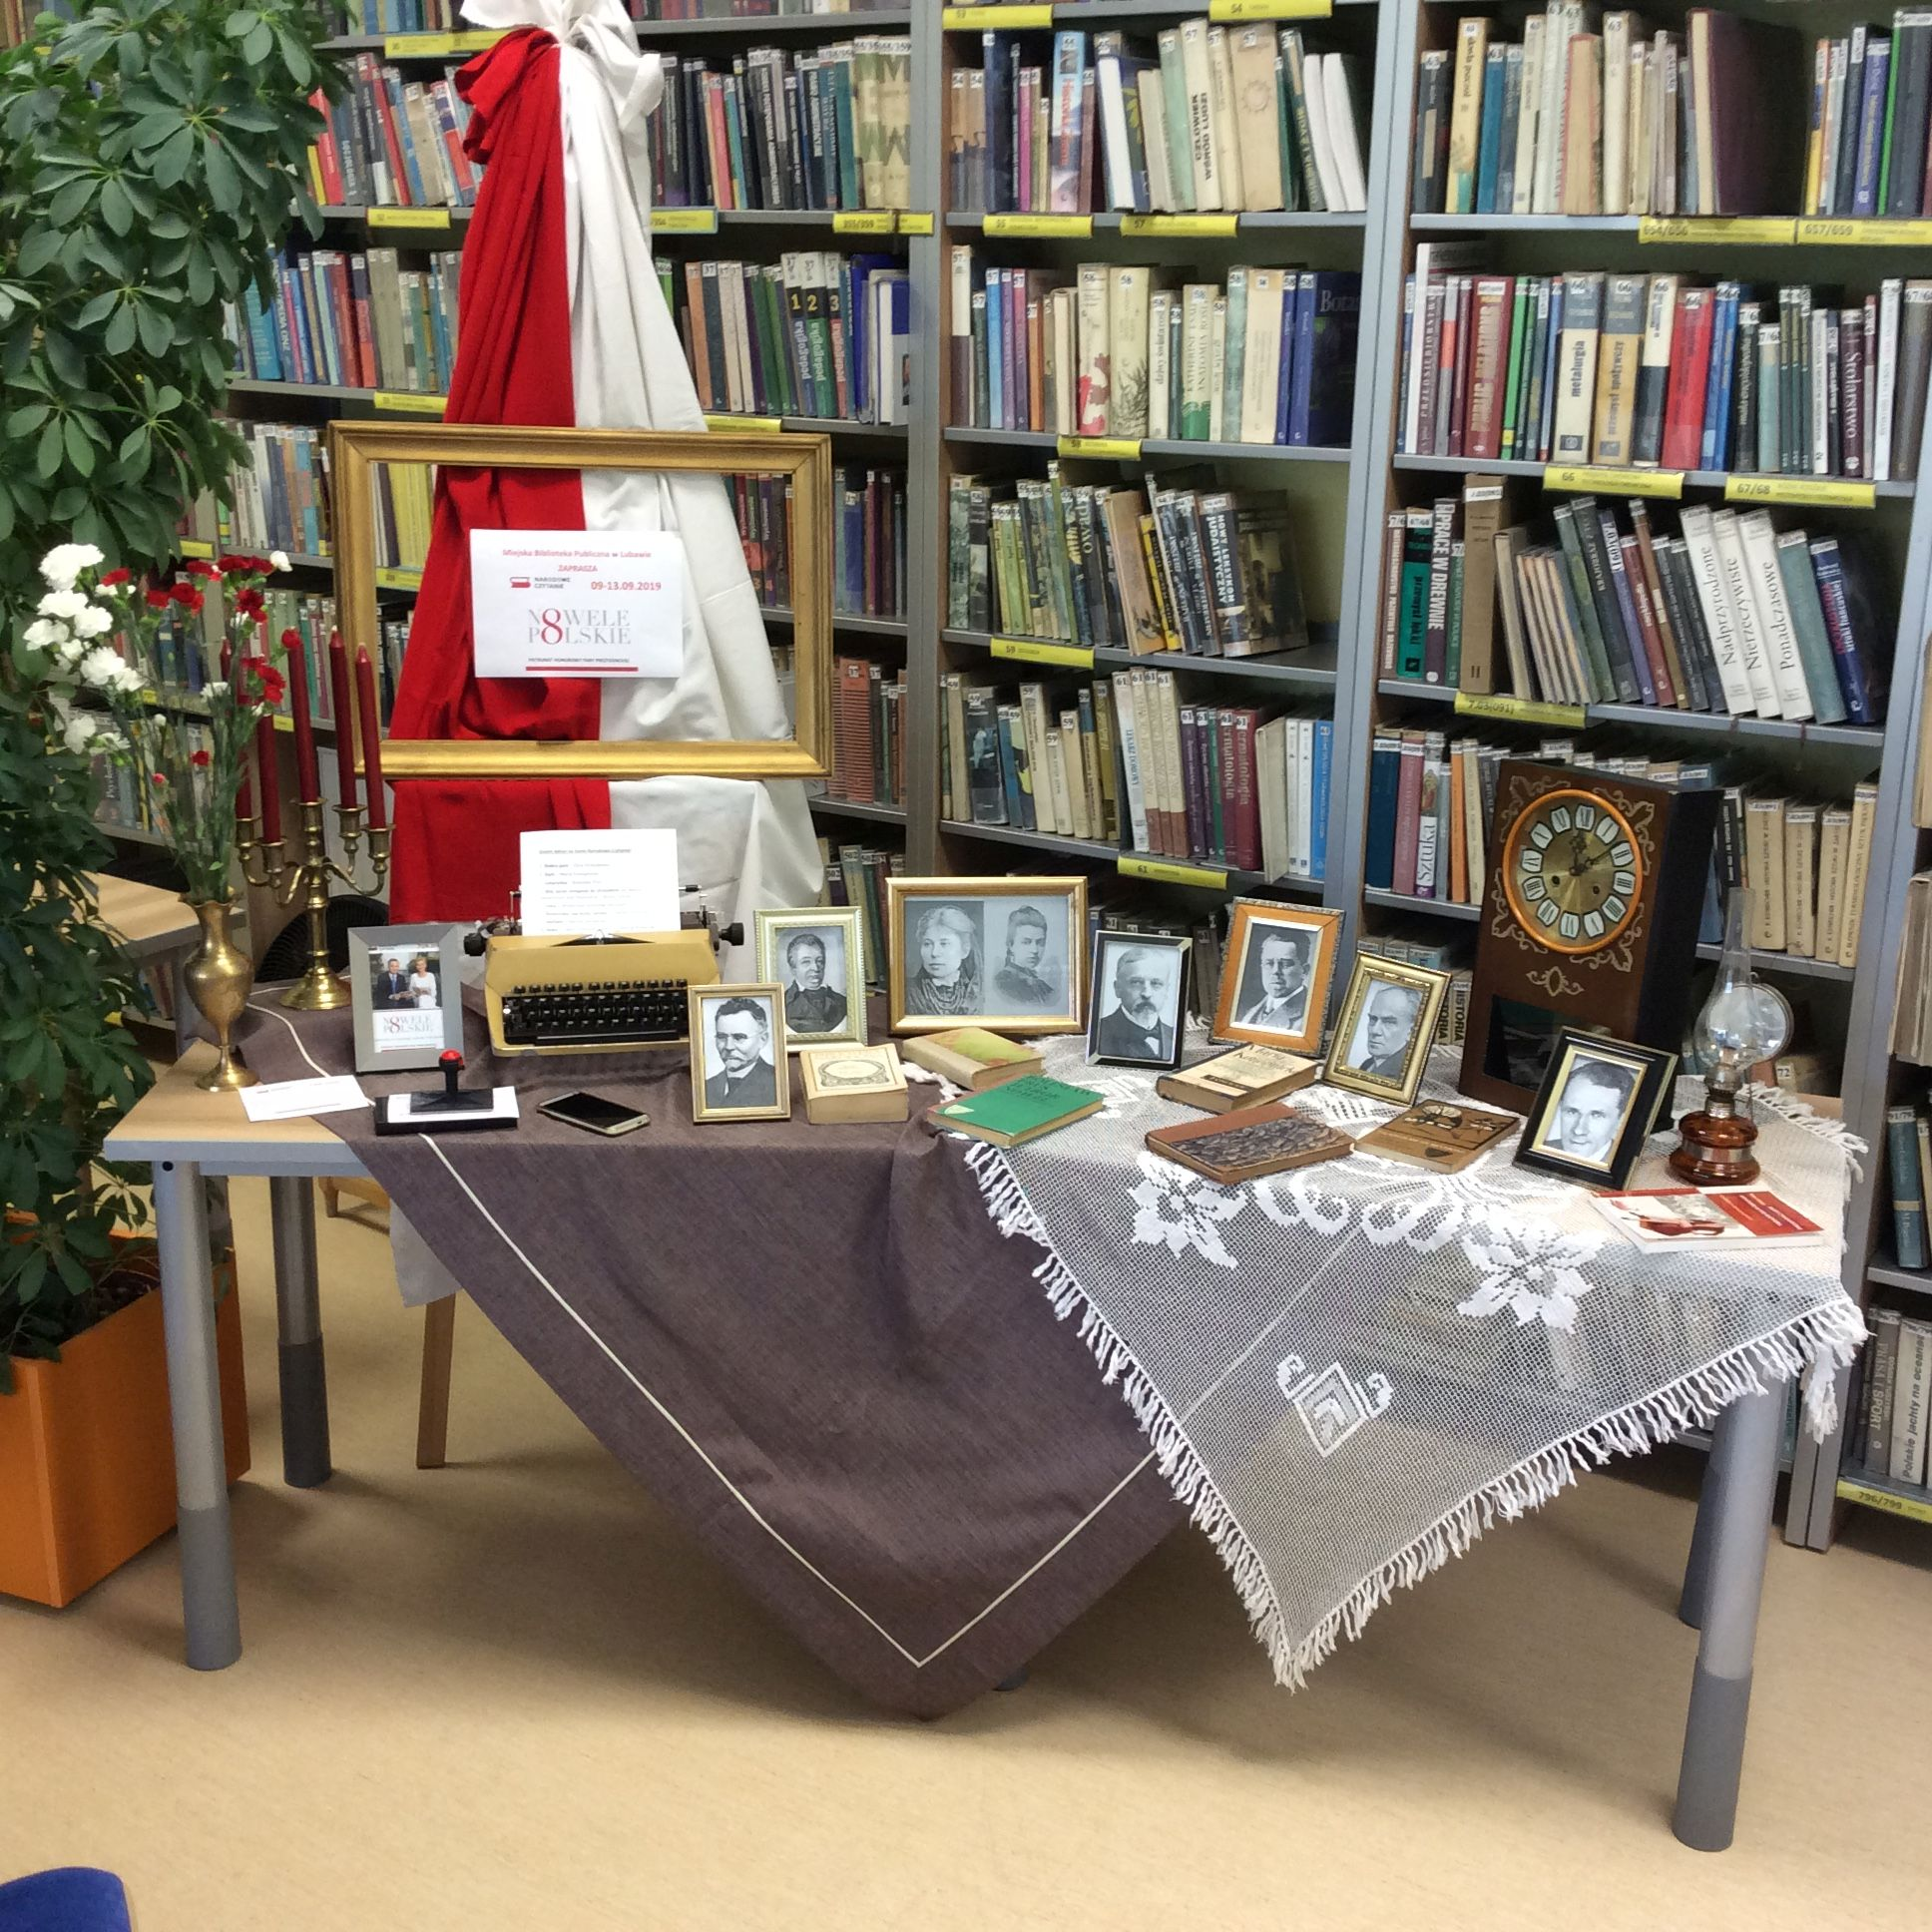 Narodowe Czytanie 2019 w Miejskiej Bibliotece Publicznej w Lubawie cz.2